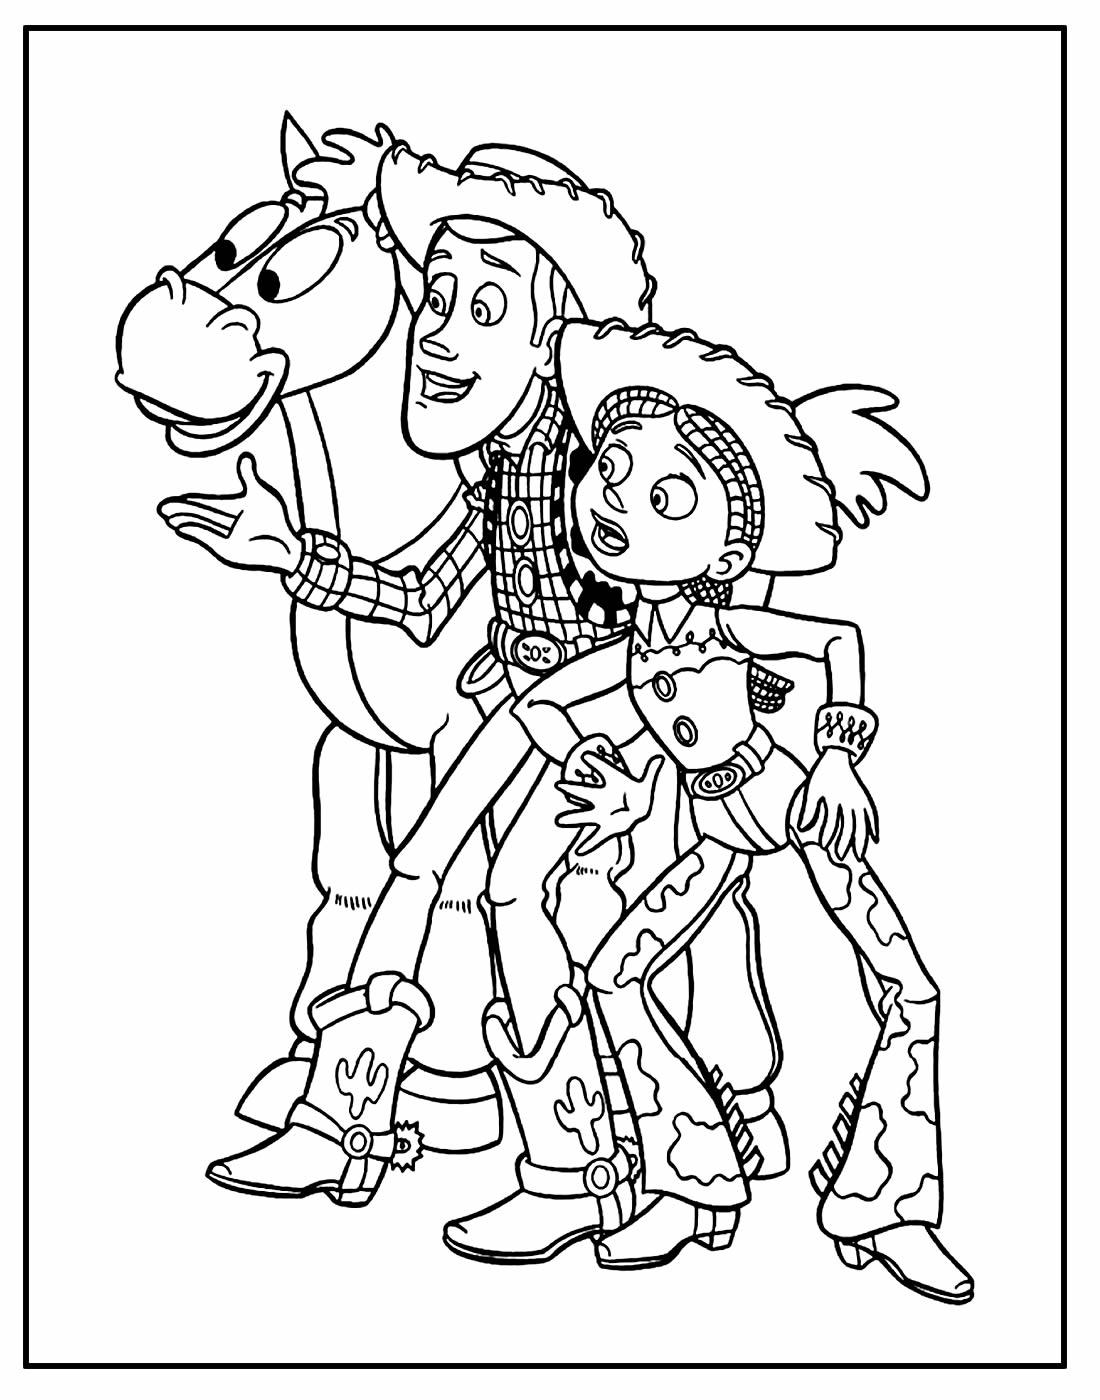 Desenho do Toy Story para colorir